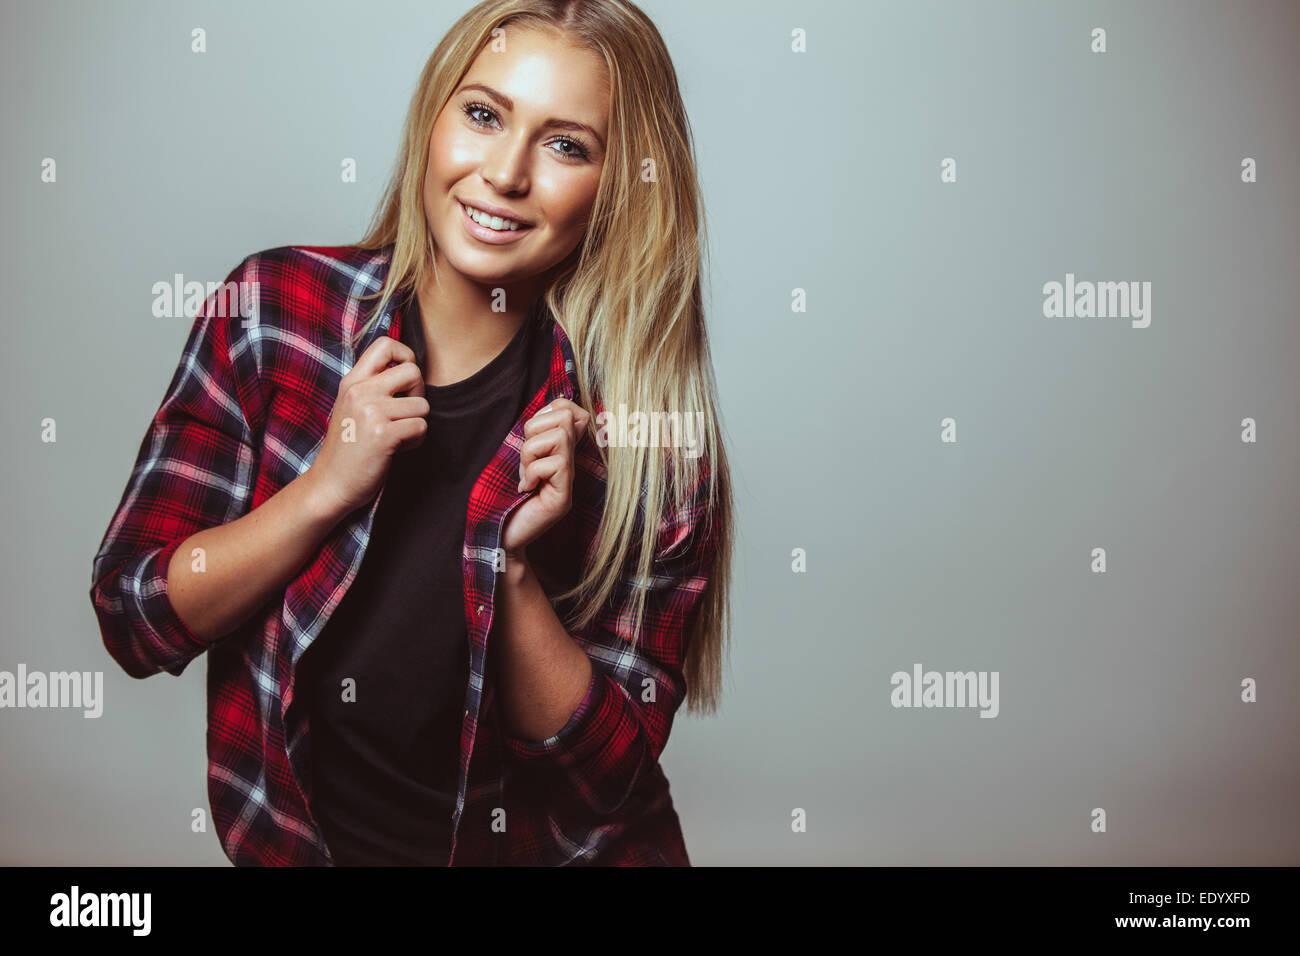 Retrato de mujer joven feliz en ropa casual contra la pared blanca. Joven adolescente mirando a la cámara con Imagen De Stock